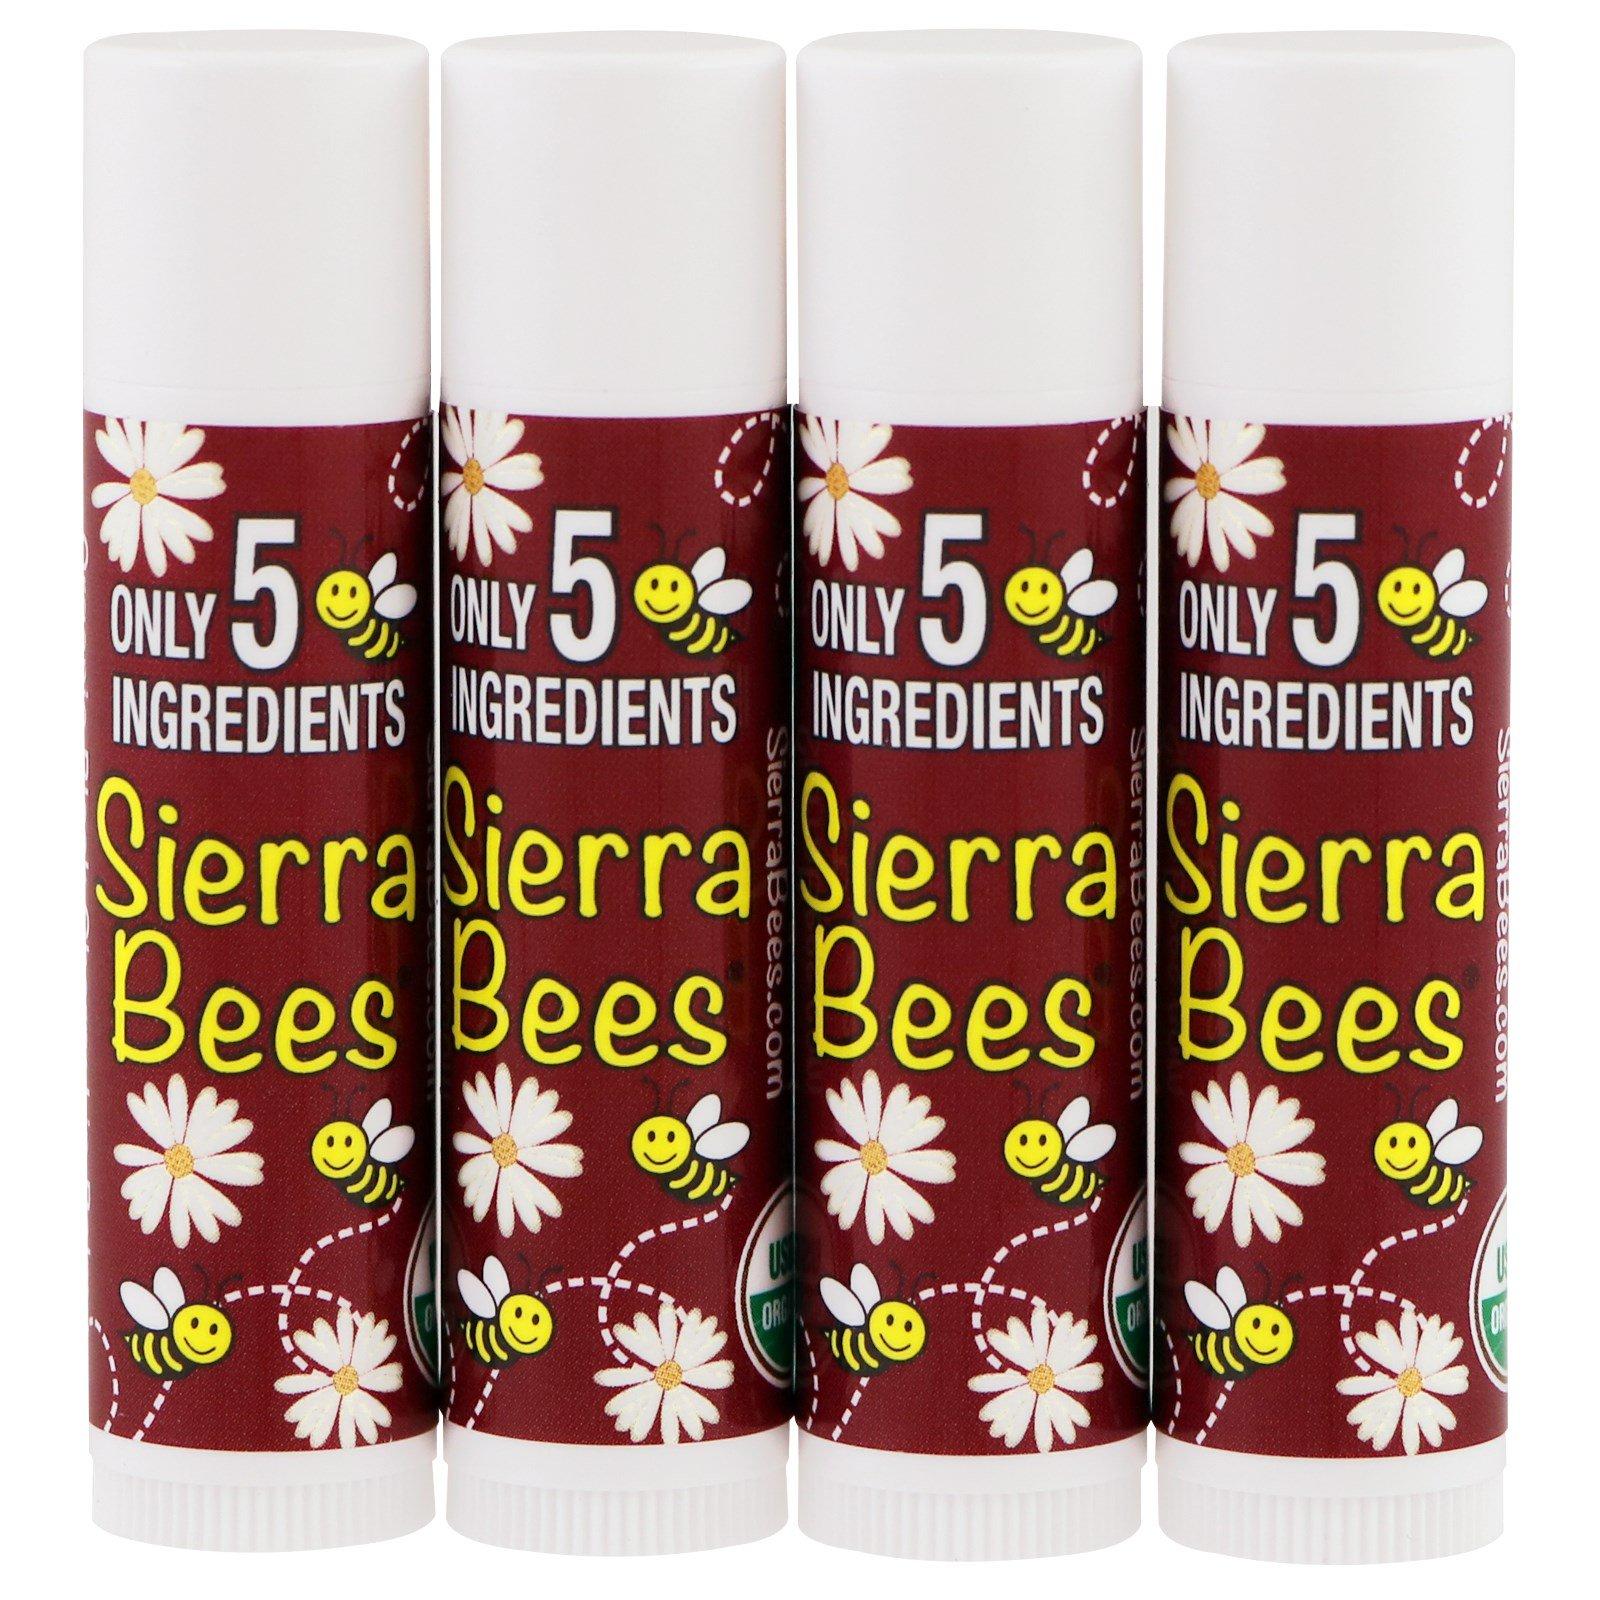 Sierra Bees, Органический бальзам для губ, Черная вишня, 4 штуки, 4,25 г (0,15 унции)